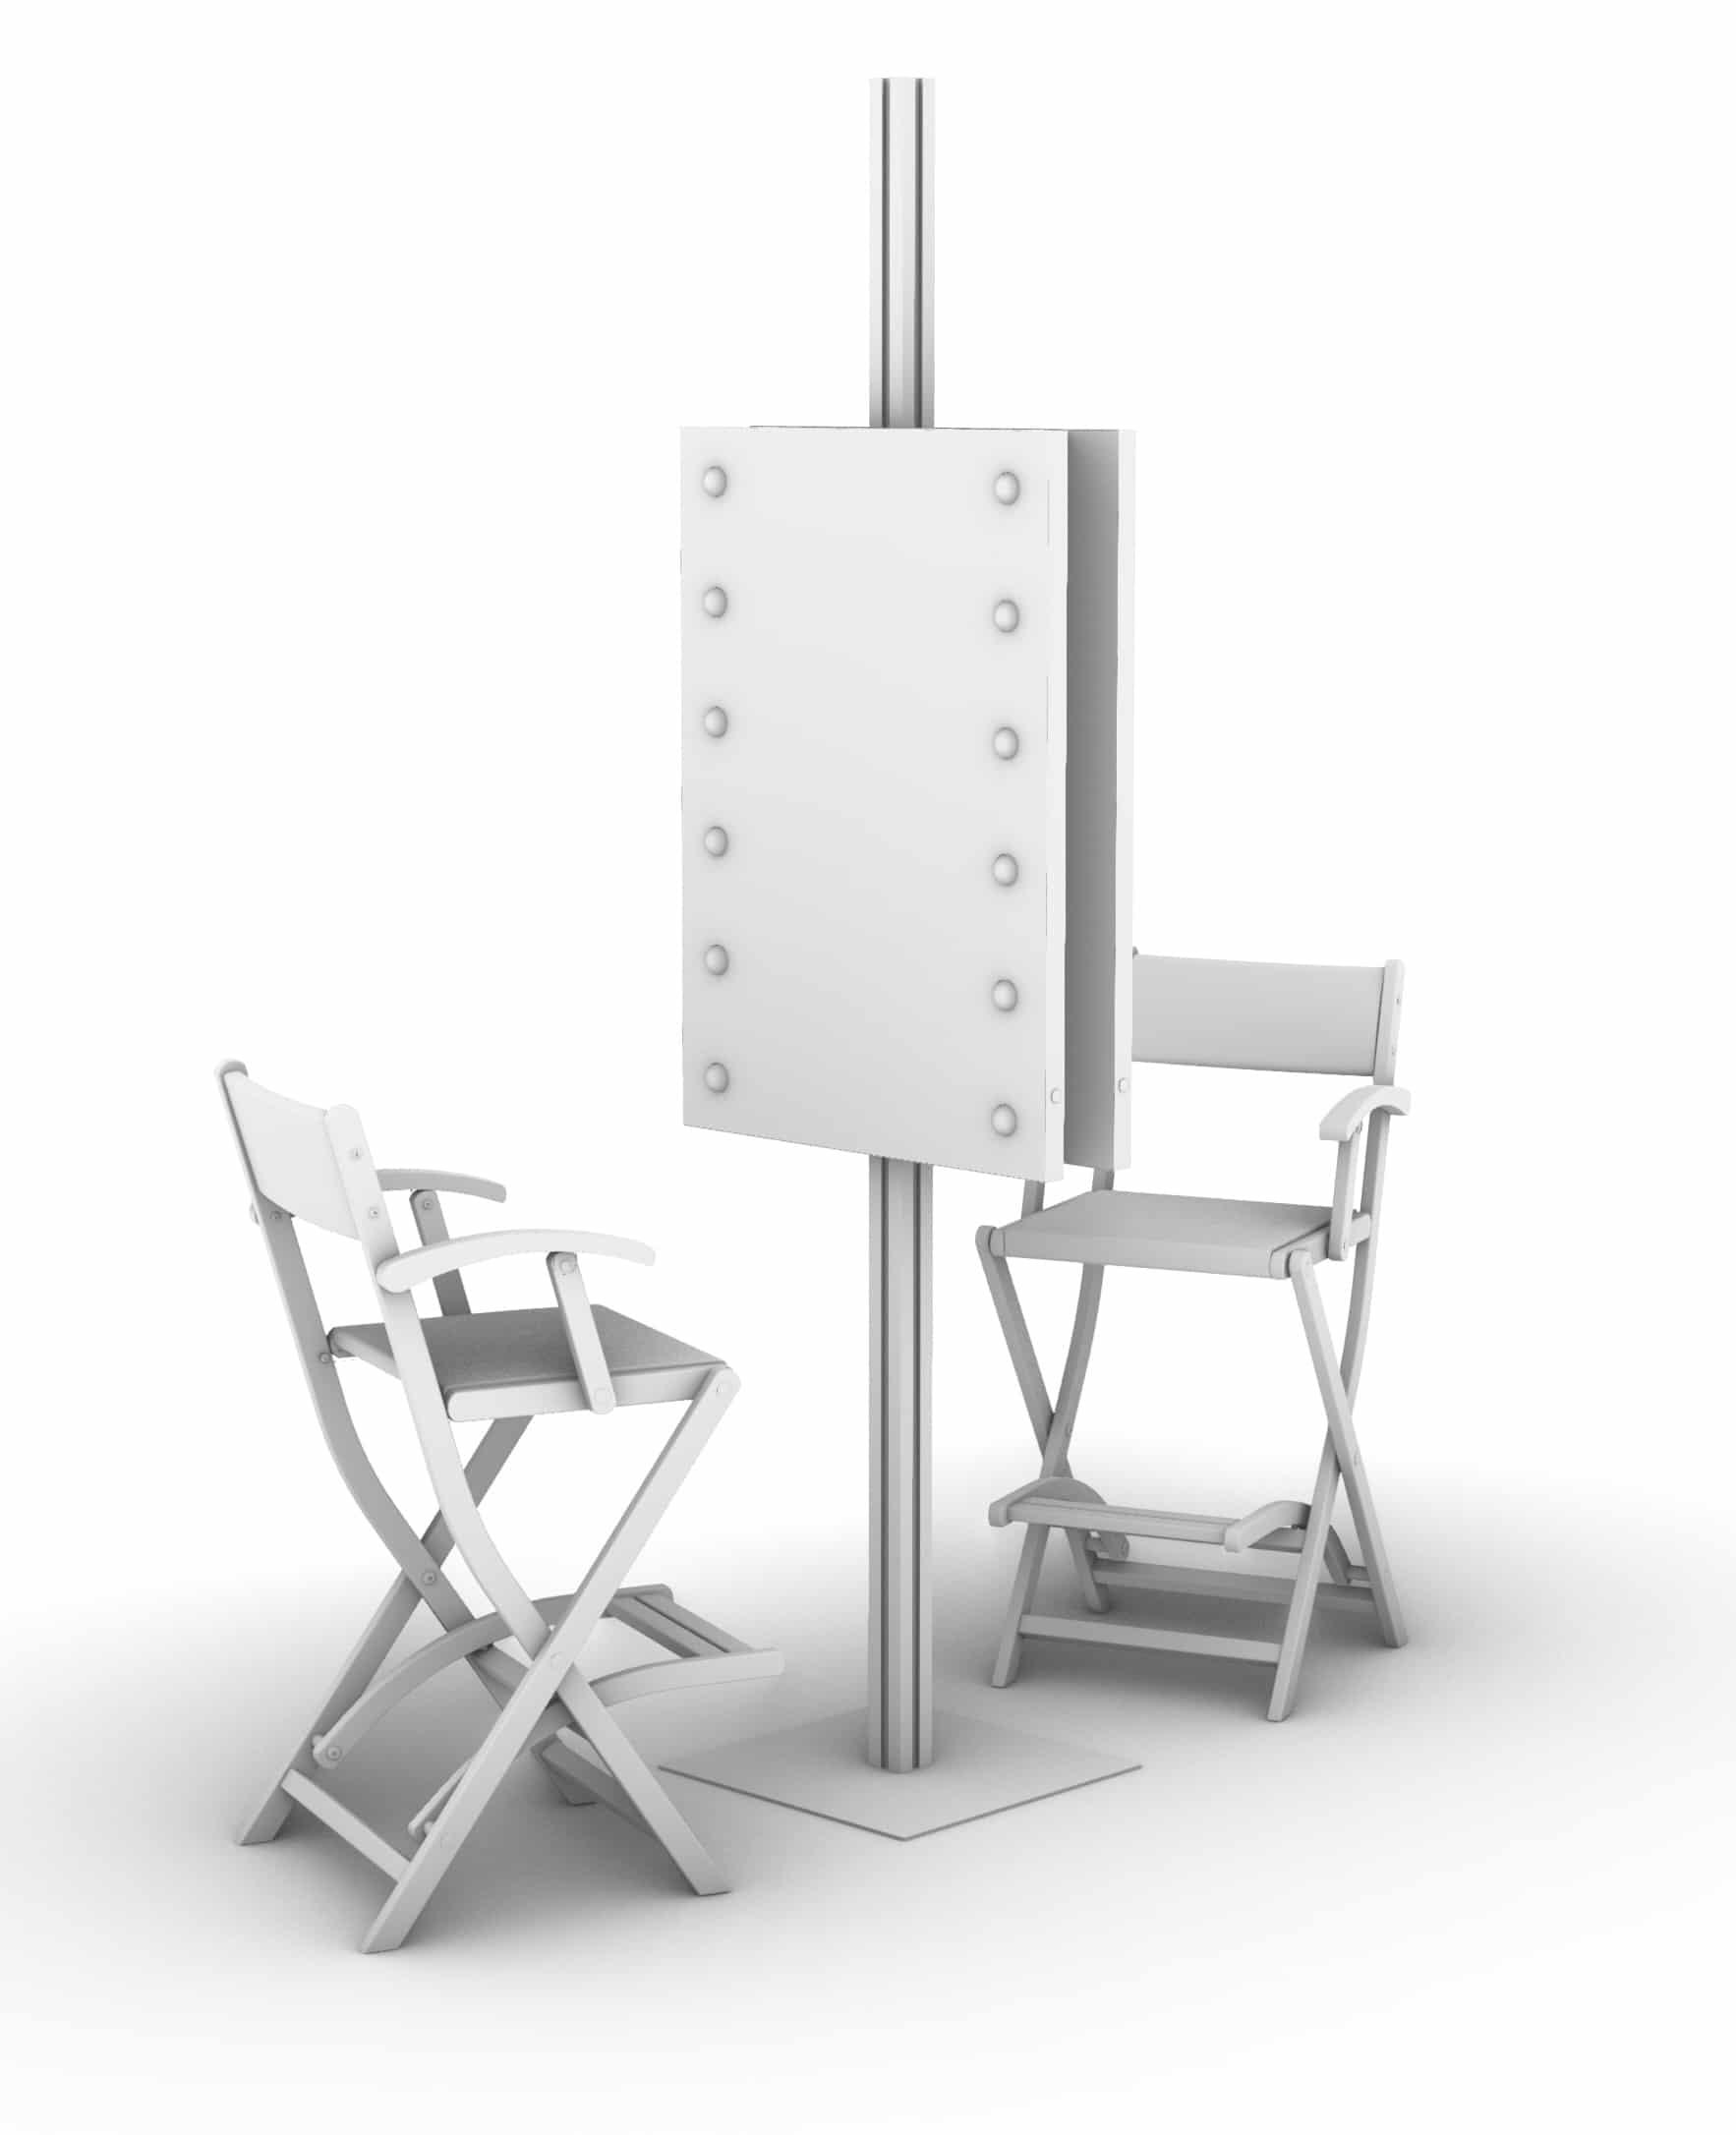 Stand Allone Schminkstation mit 2 Plätzen, Spiegel Unica by Cantoni MDE505